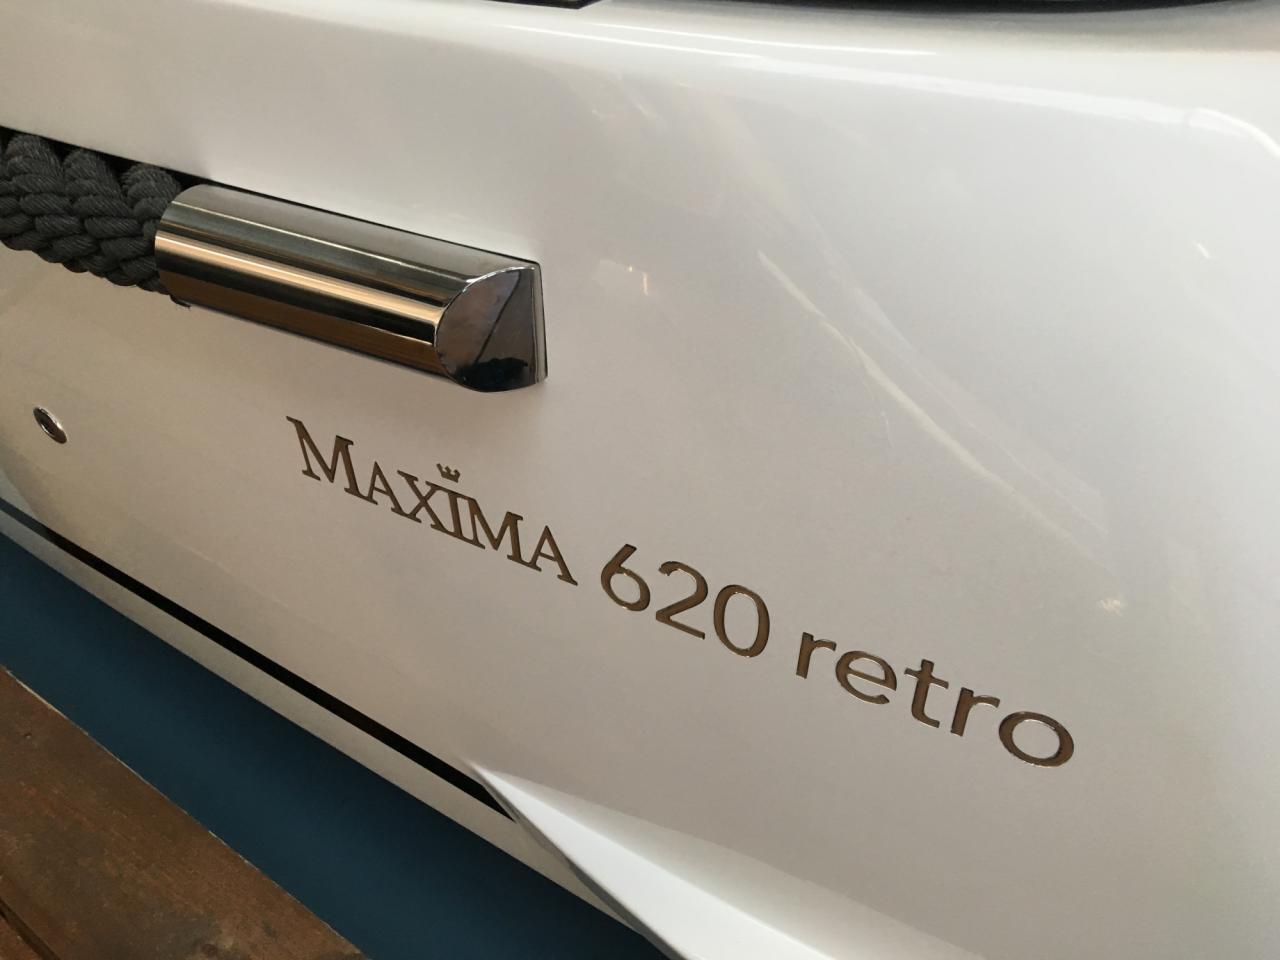 Maxima 620 Retro tendersloep 21